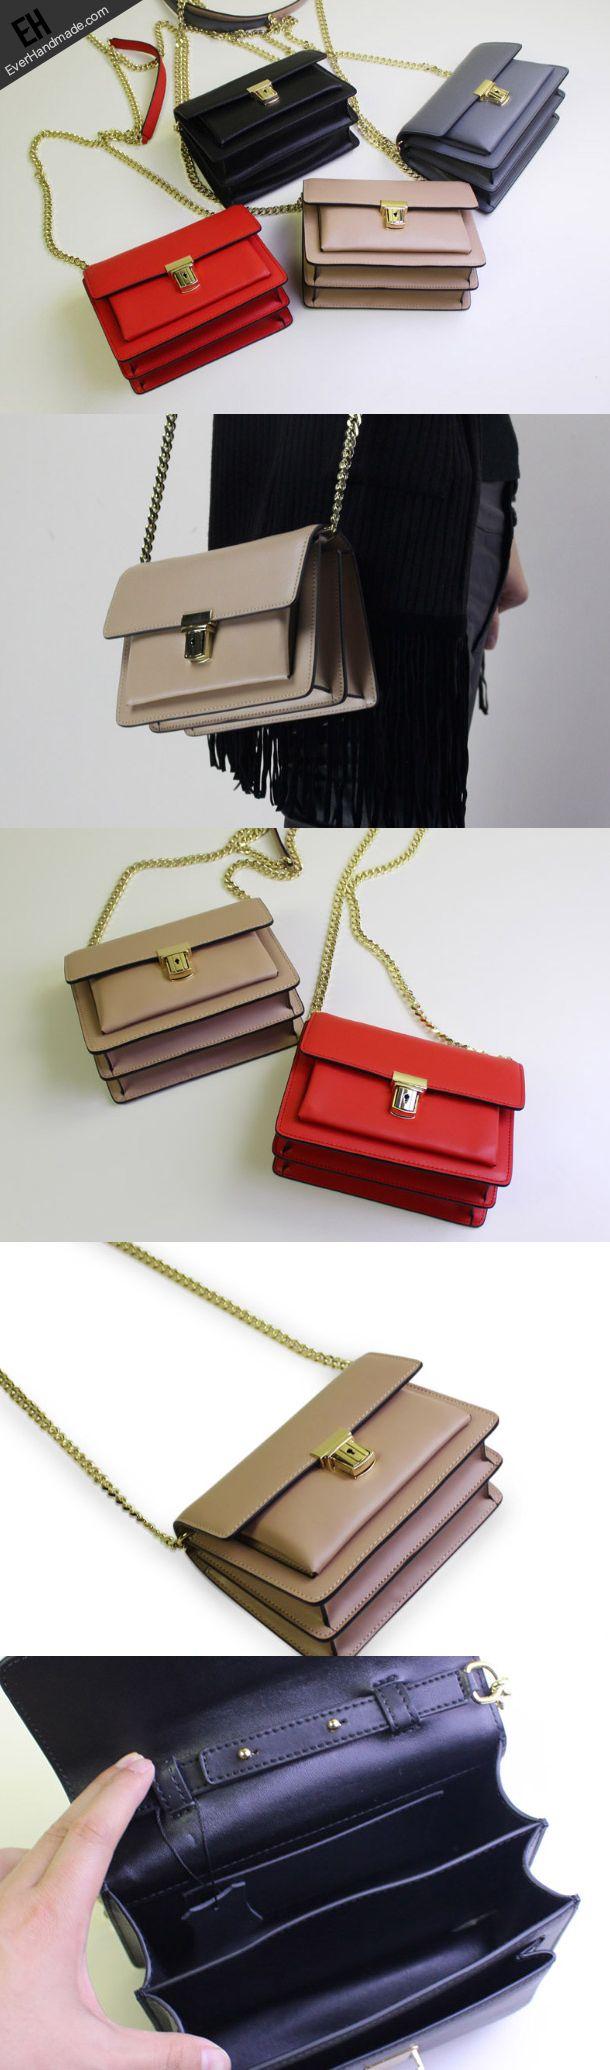 Genuine Leather handbag shoulder bag black red for women leather crossbody bag